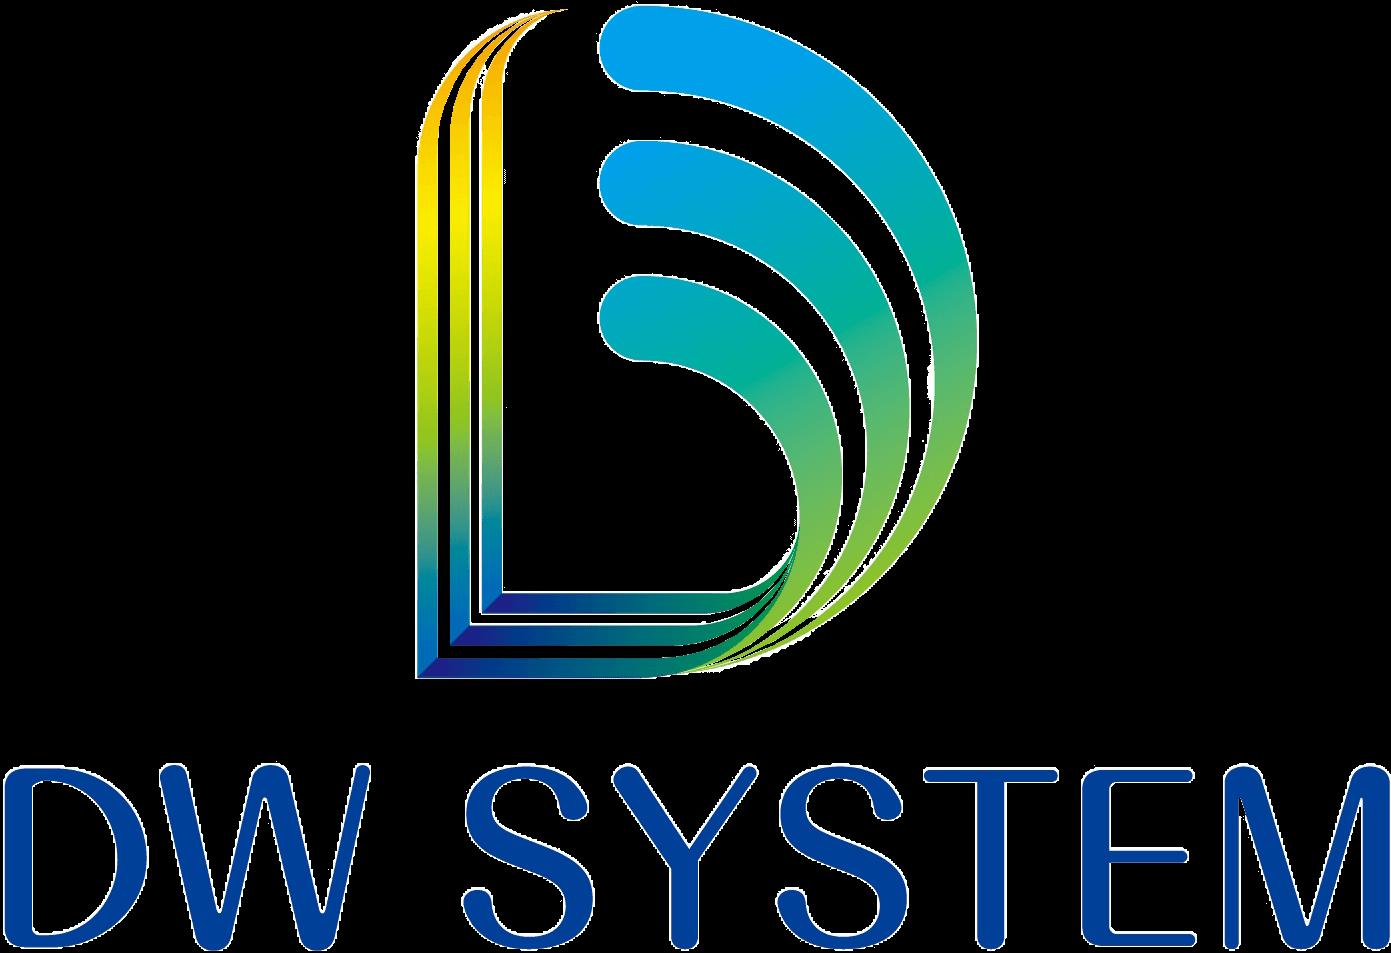 株式会社DWシステム